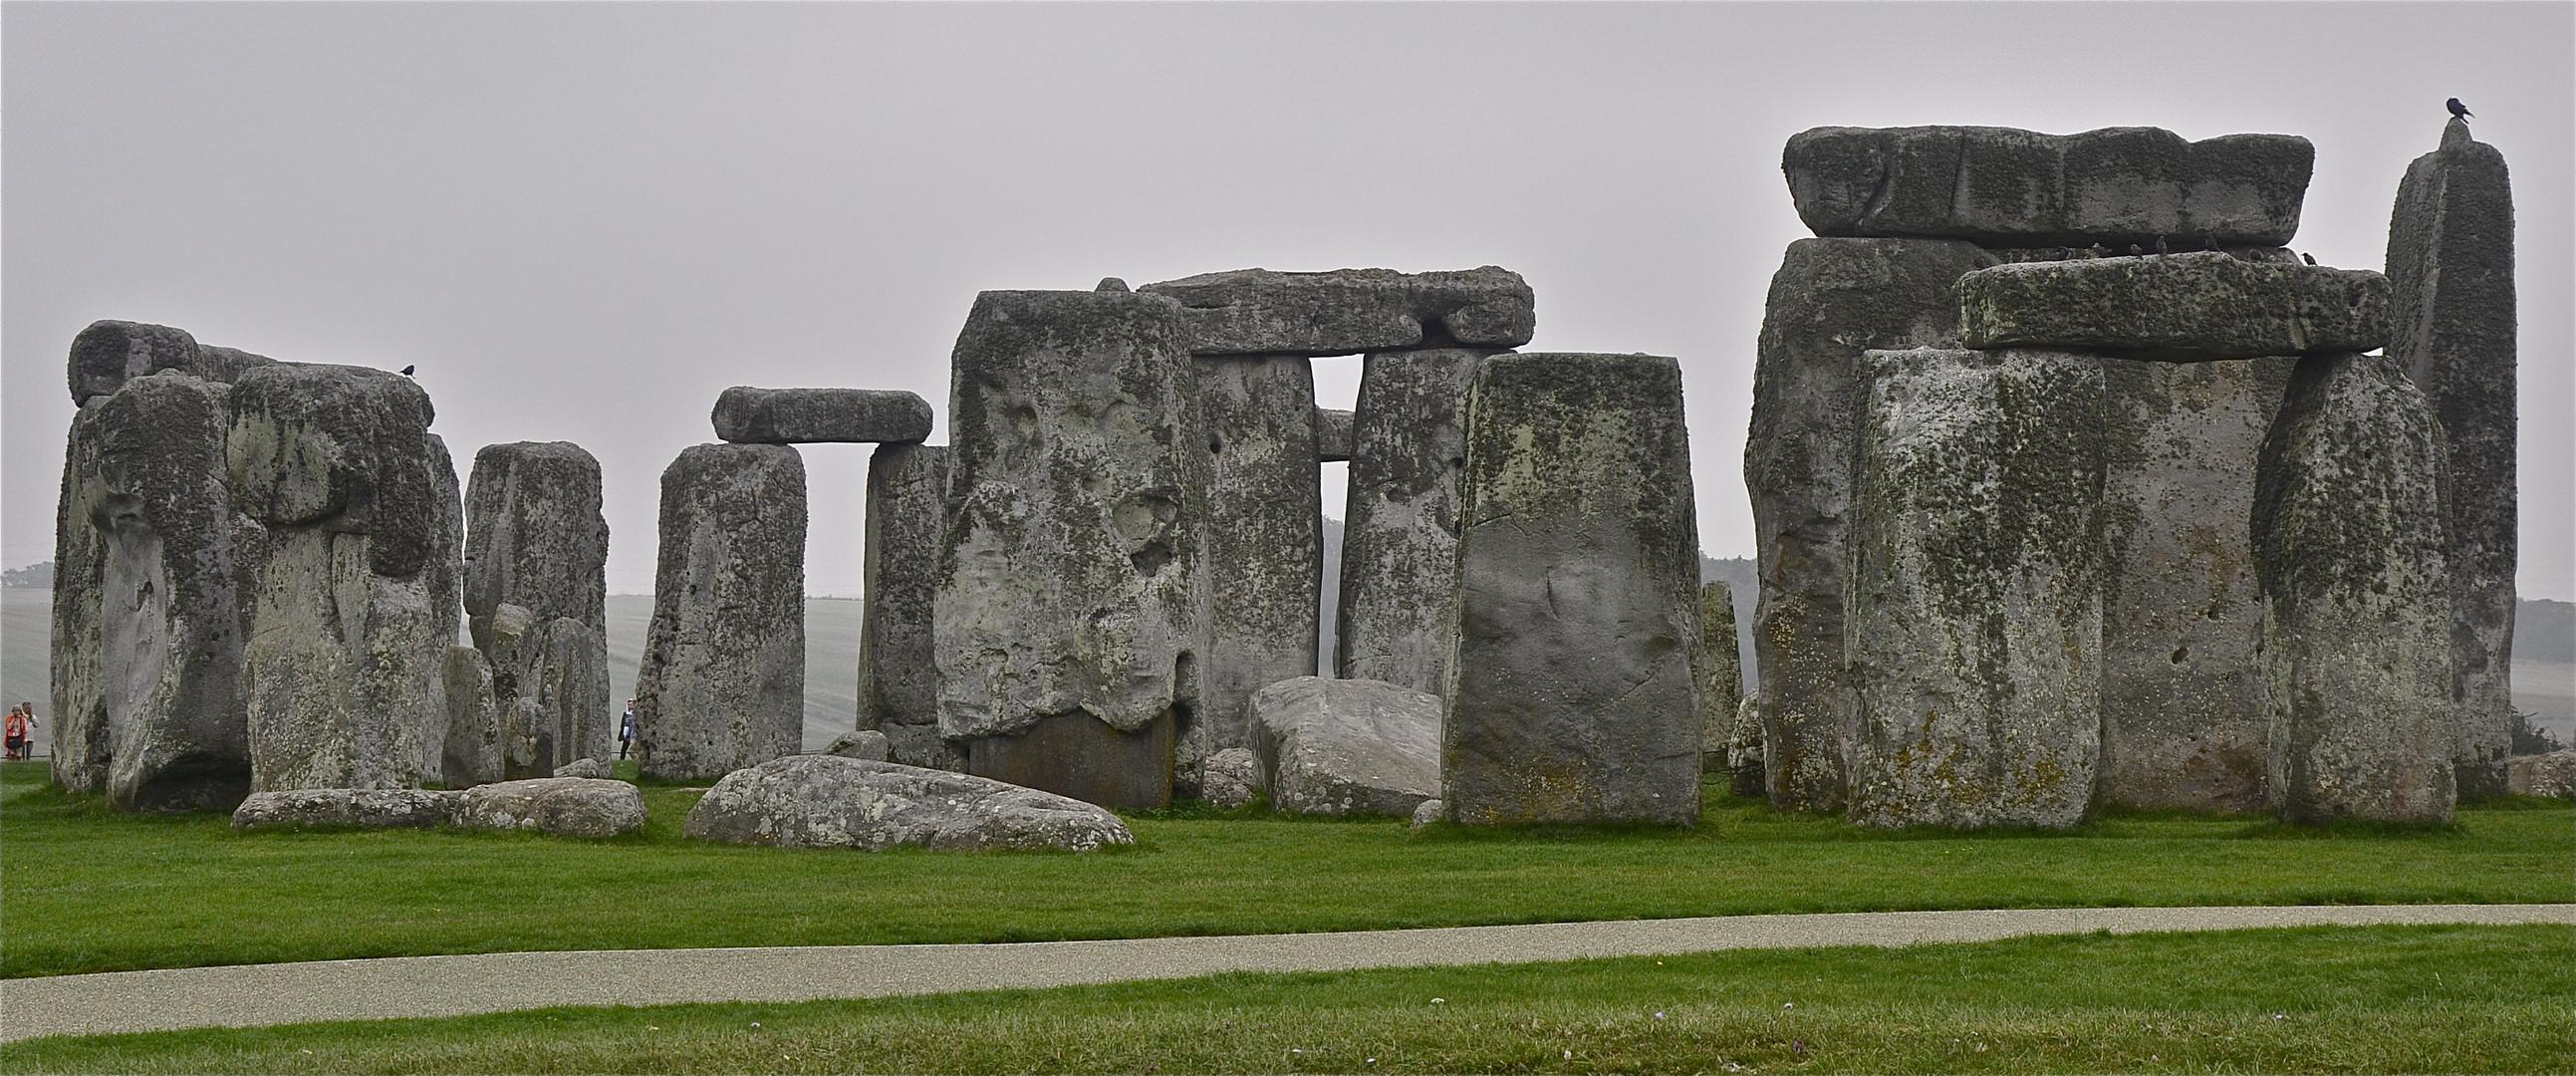 Prähistorisches Monument: Stonehenge